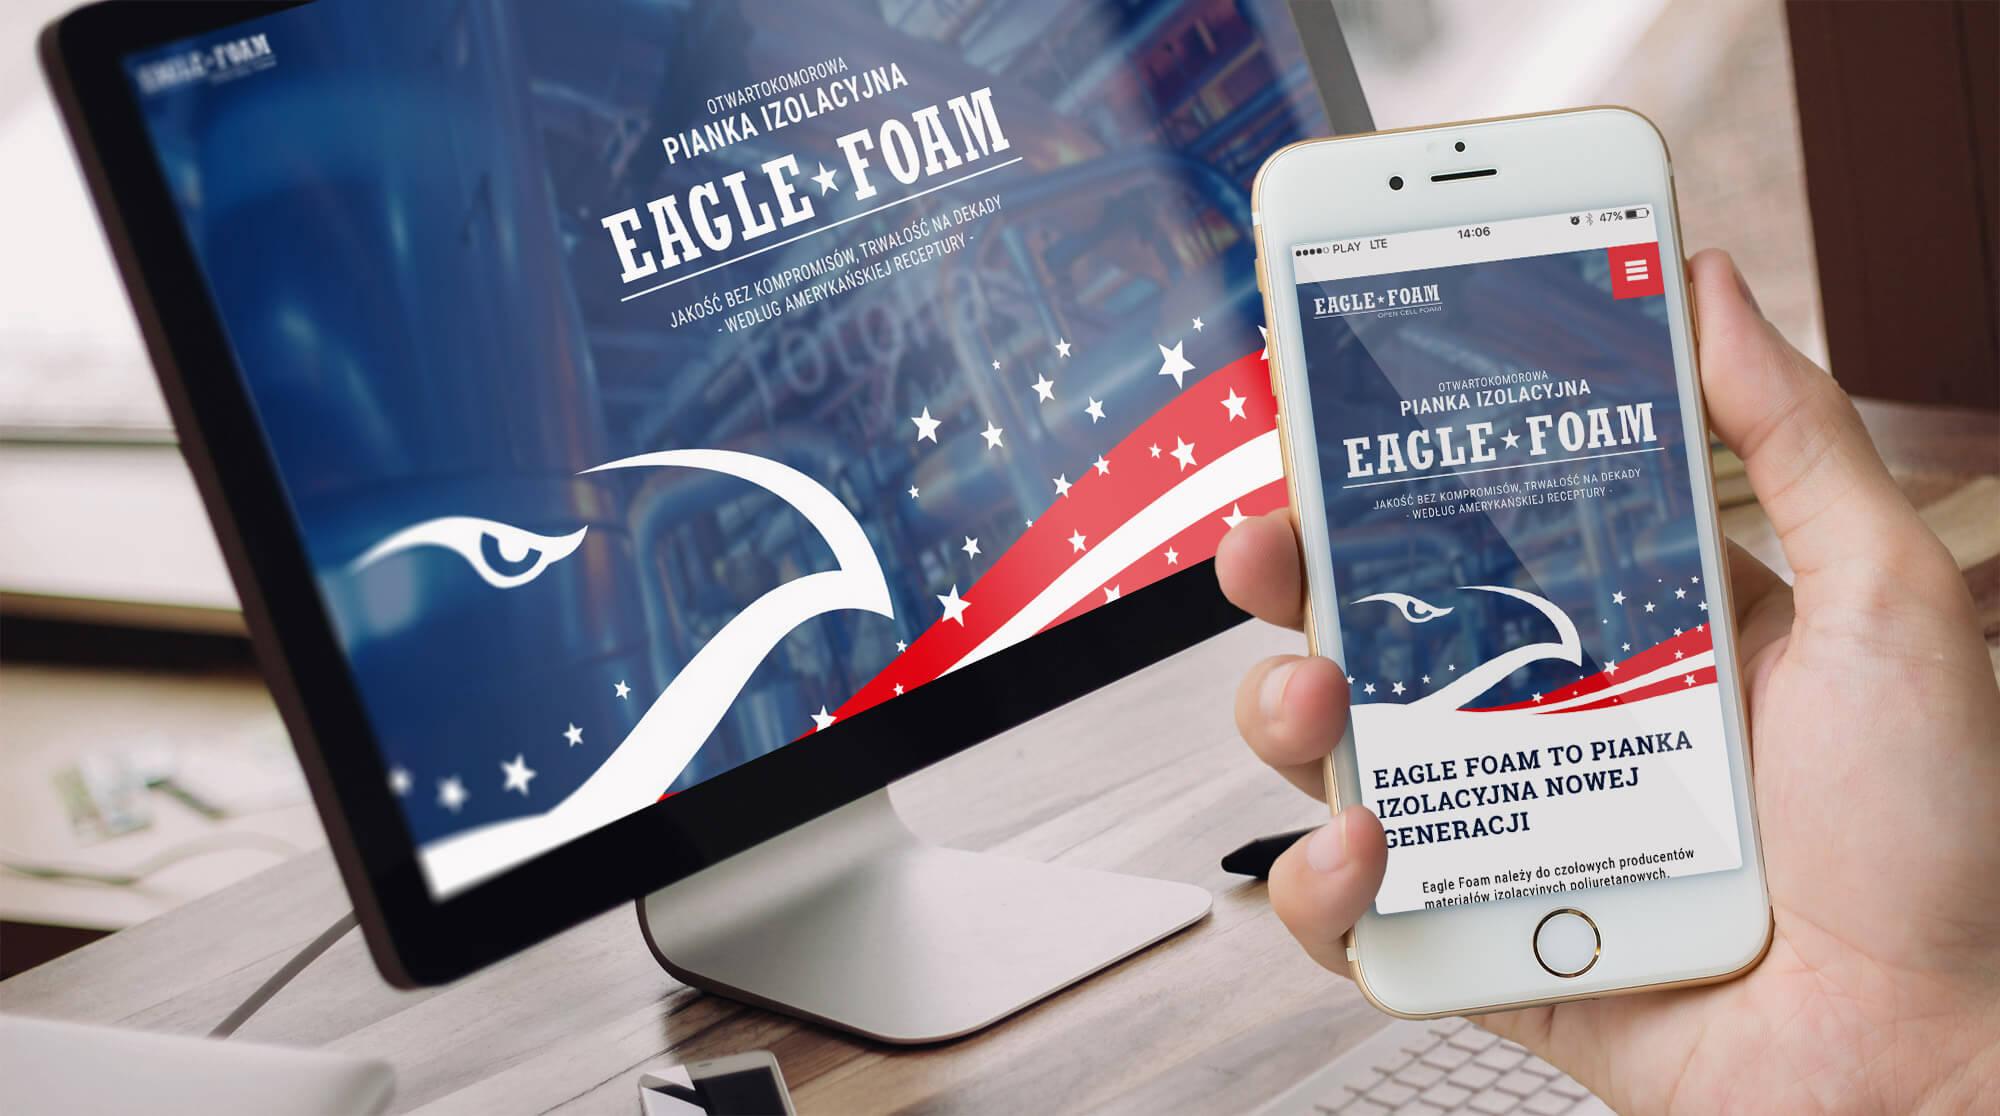 Eagle Foam nowa strona internetowa producenta pianki izolacyjnej do termomodernizacji